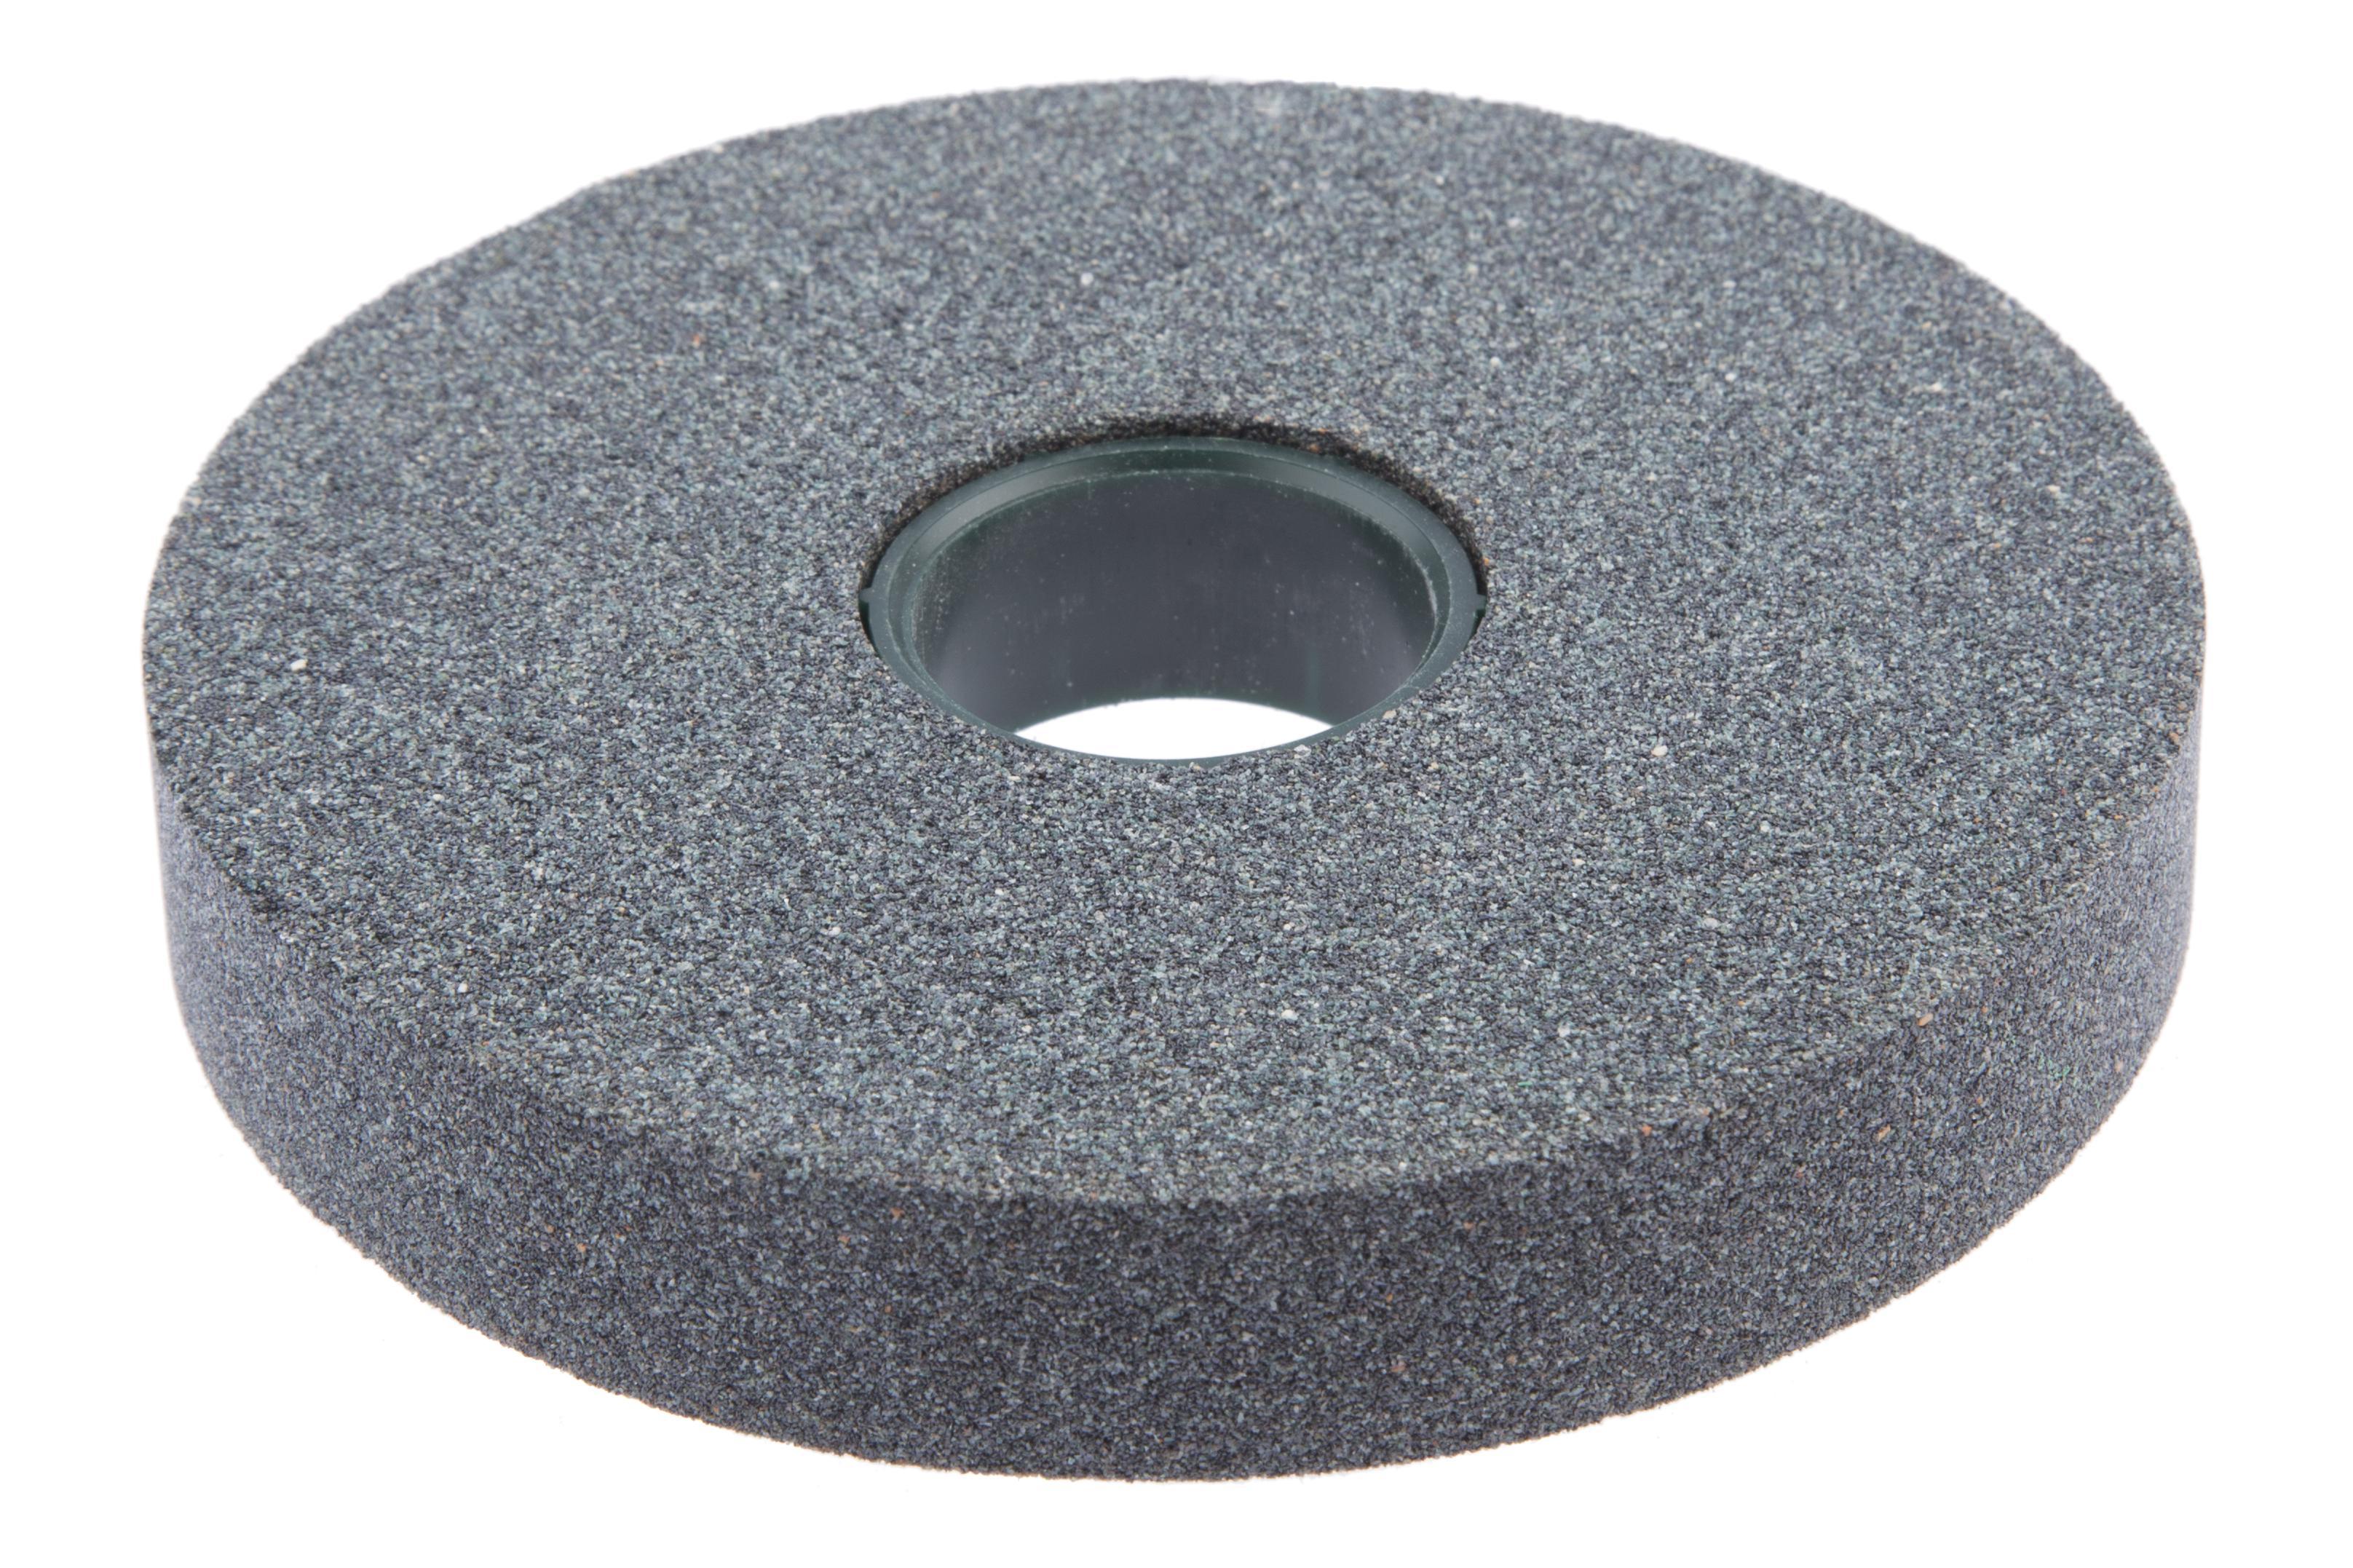 Круг шлифовальный ЛУГА-АБРАЗИВ 1 125 Х 20 Х 32 63С 60 k,l (25СМ) skin упаковка 1 шт. ваза mughal l 20 х 20 х 30 см